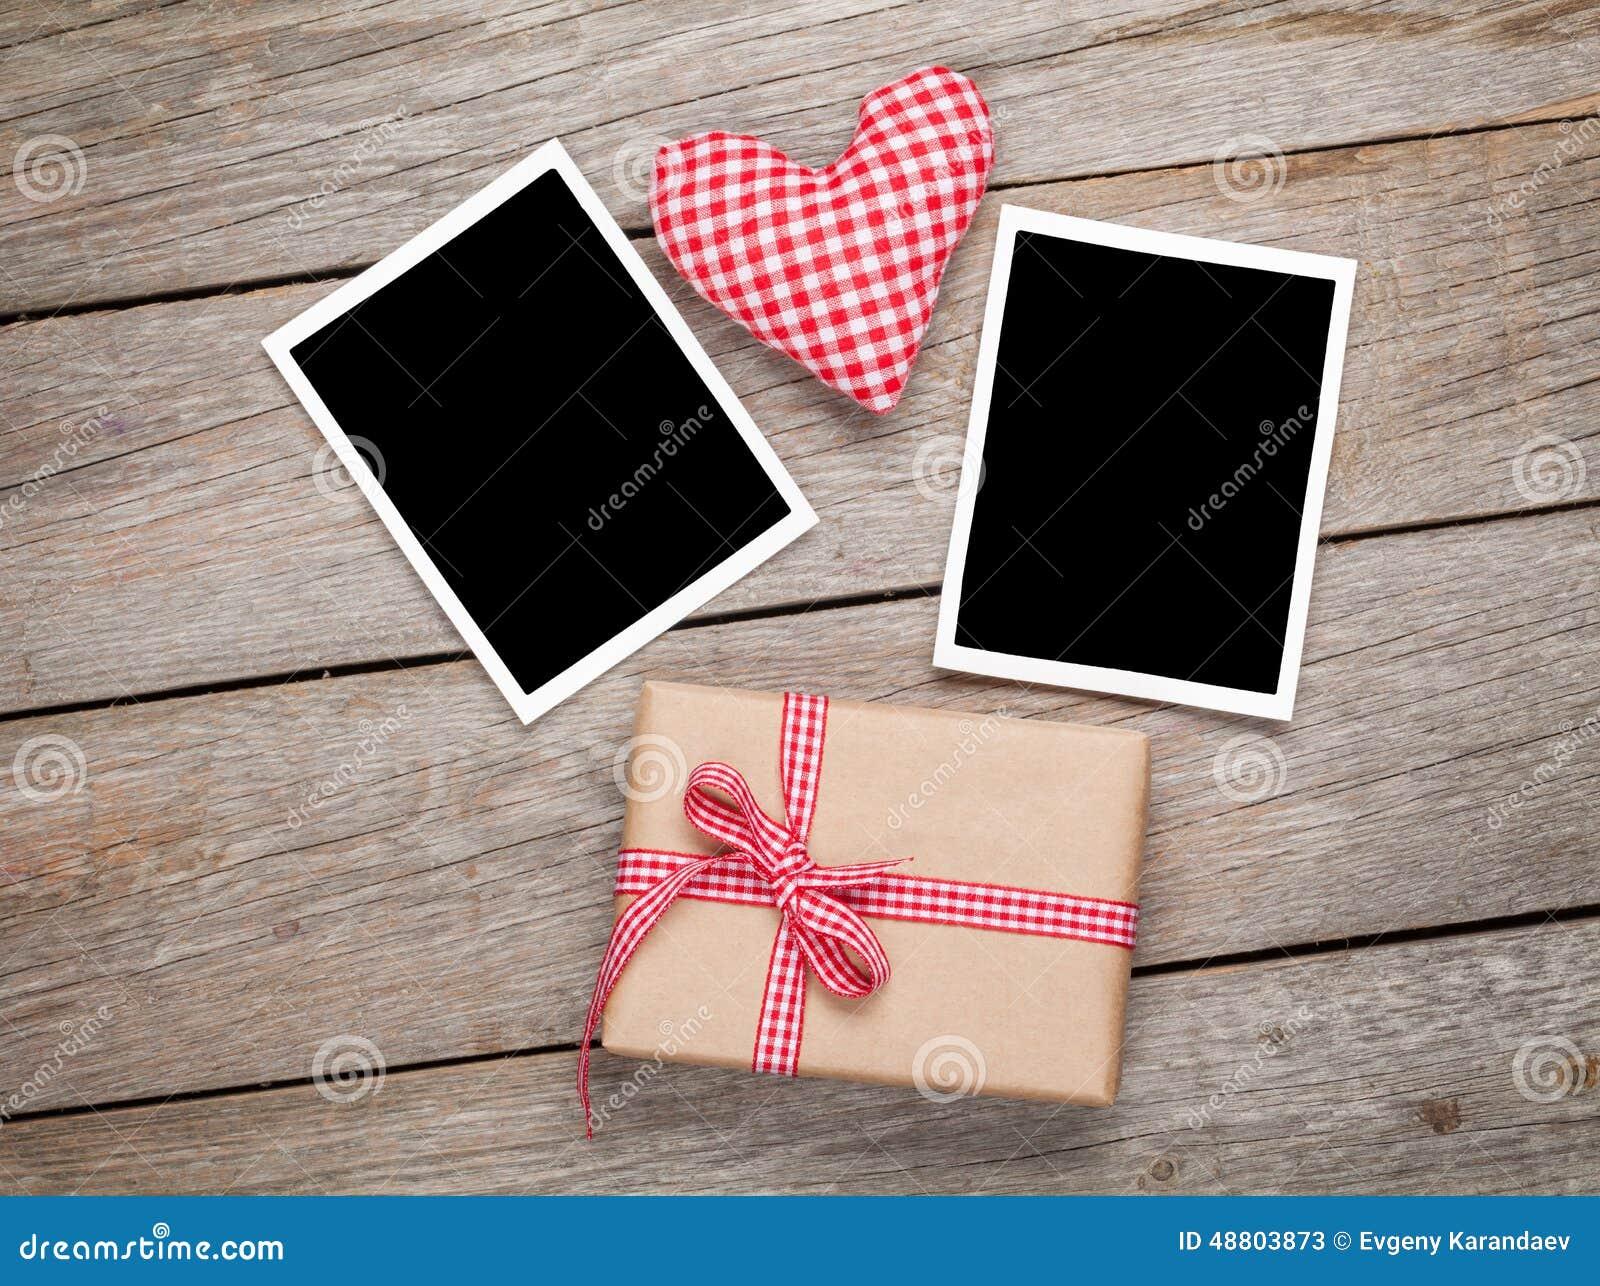 Καρδιά παιχνιδιών ημέρας βαλεντίνων, κενά πλαίσια φωτογραφιών και κιβώτιο δώρων